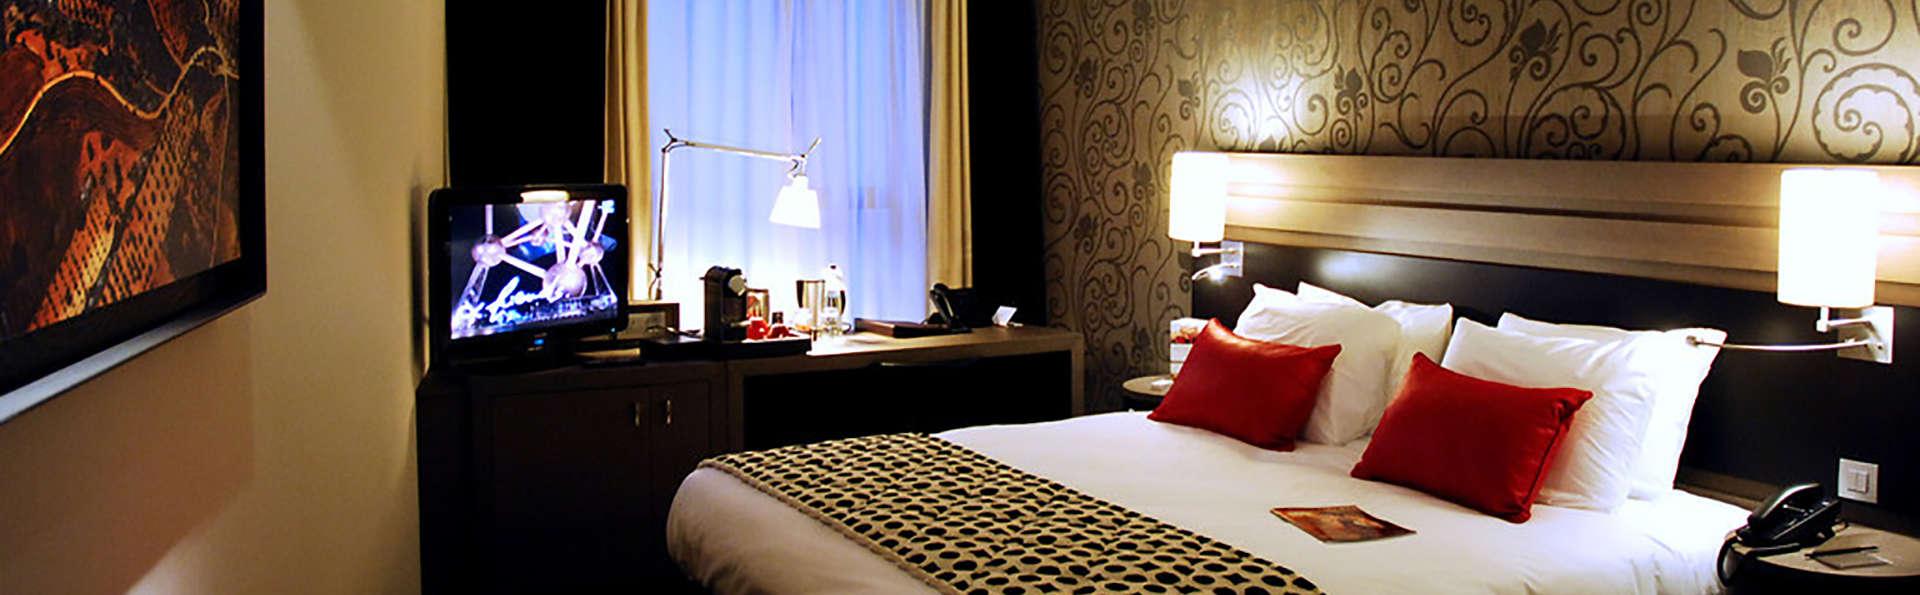 Romanticismo e benessere in un hotel 5* a Liegi, in Belgio (a partire da 2 notti)